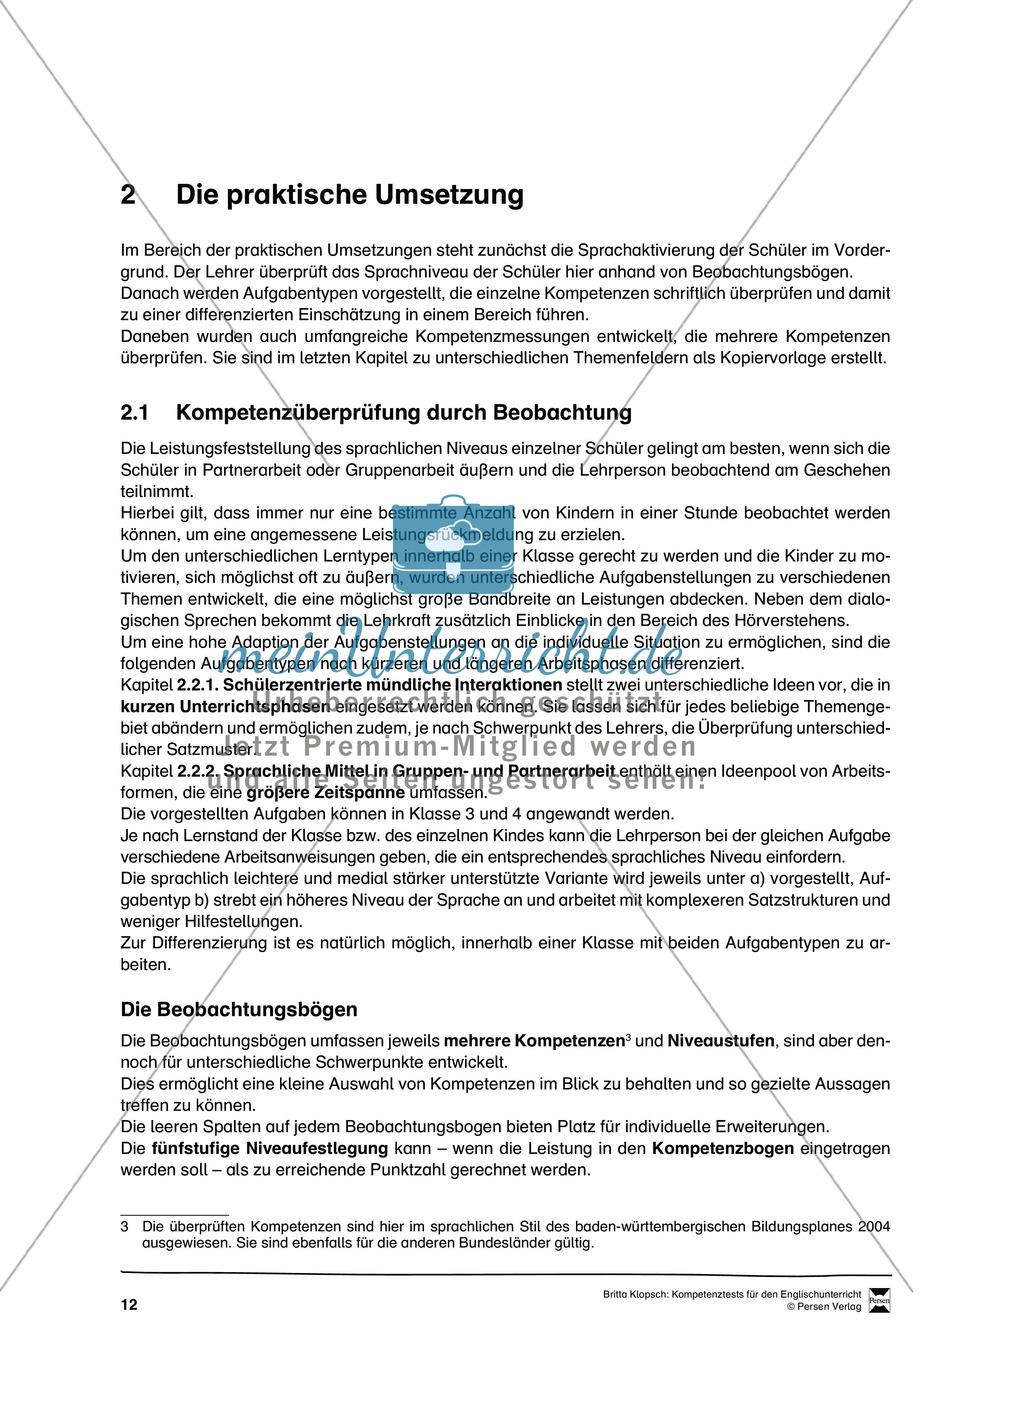 Die praktische Umsetzung - Kompetenzüberprüfung durch Beobachtung: Vorgehensweise + Beobachtungsbögen Preview 0